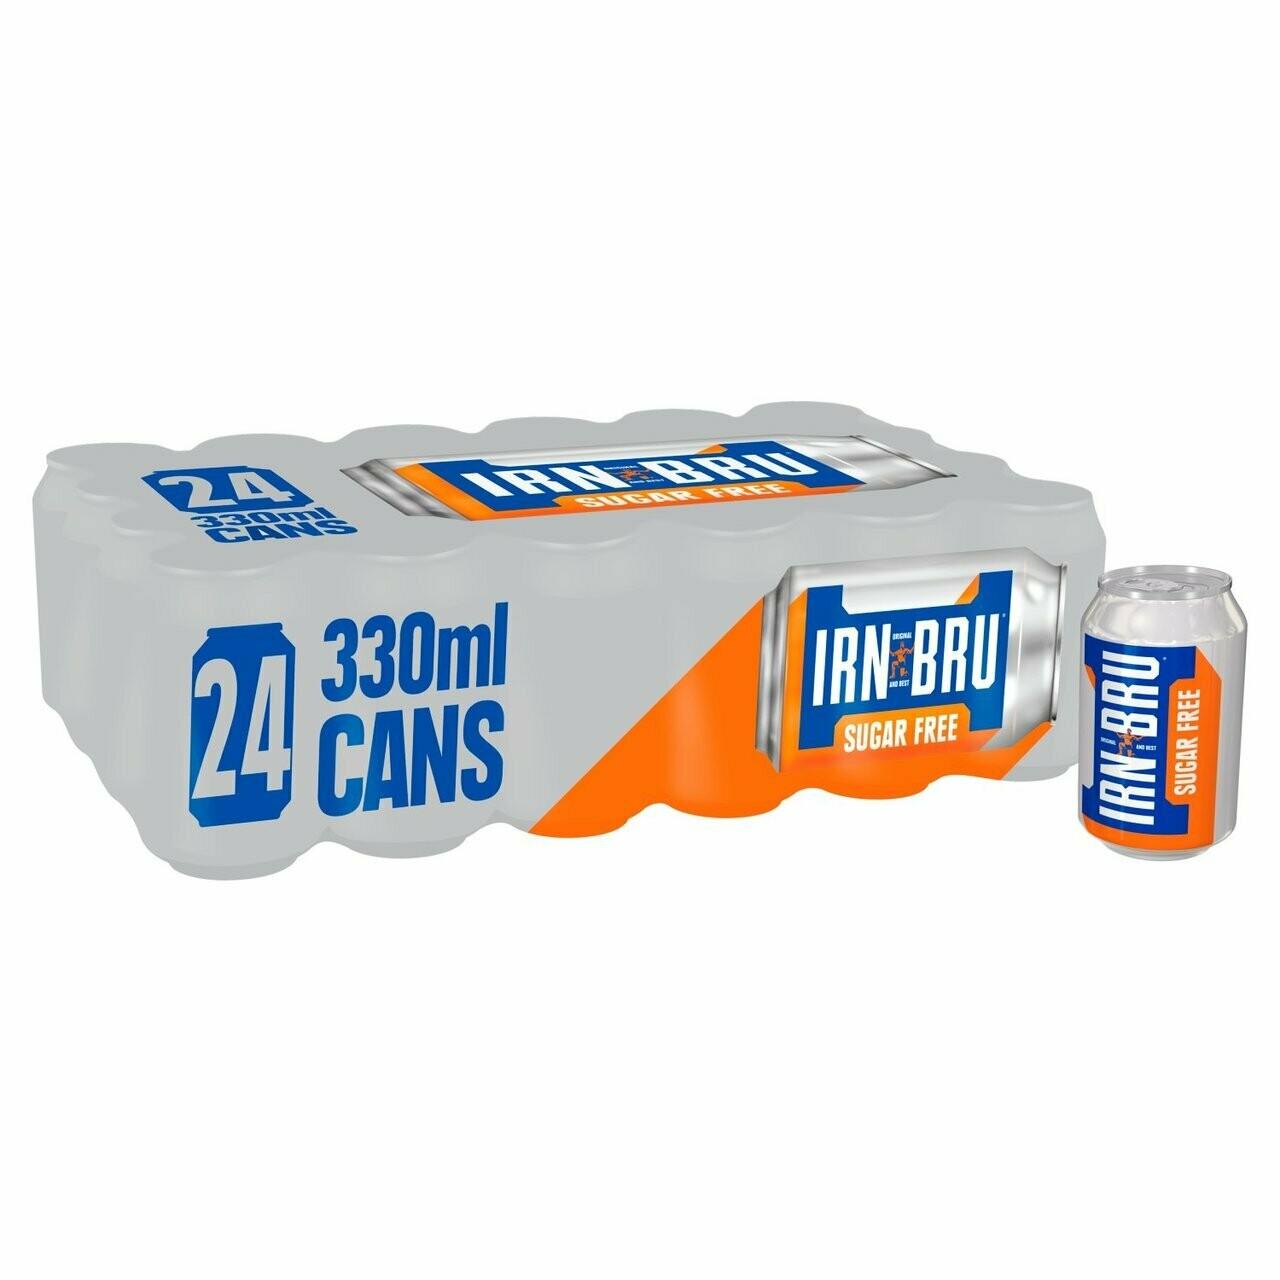 IRN-BRU Sugar Free Soda Drink 330ml Can [CASE OF 24]